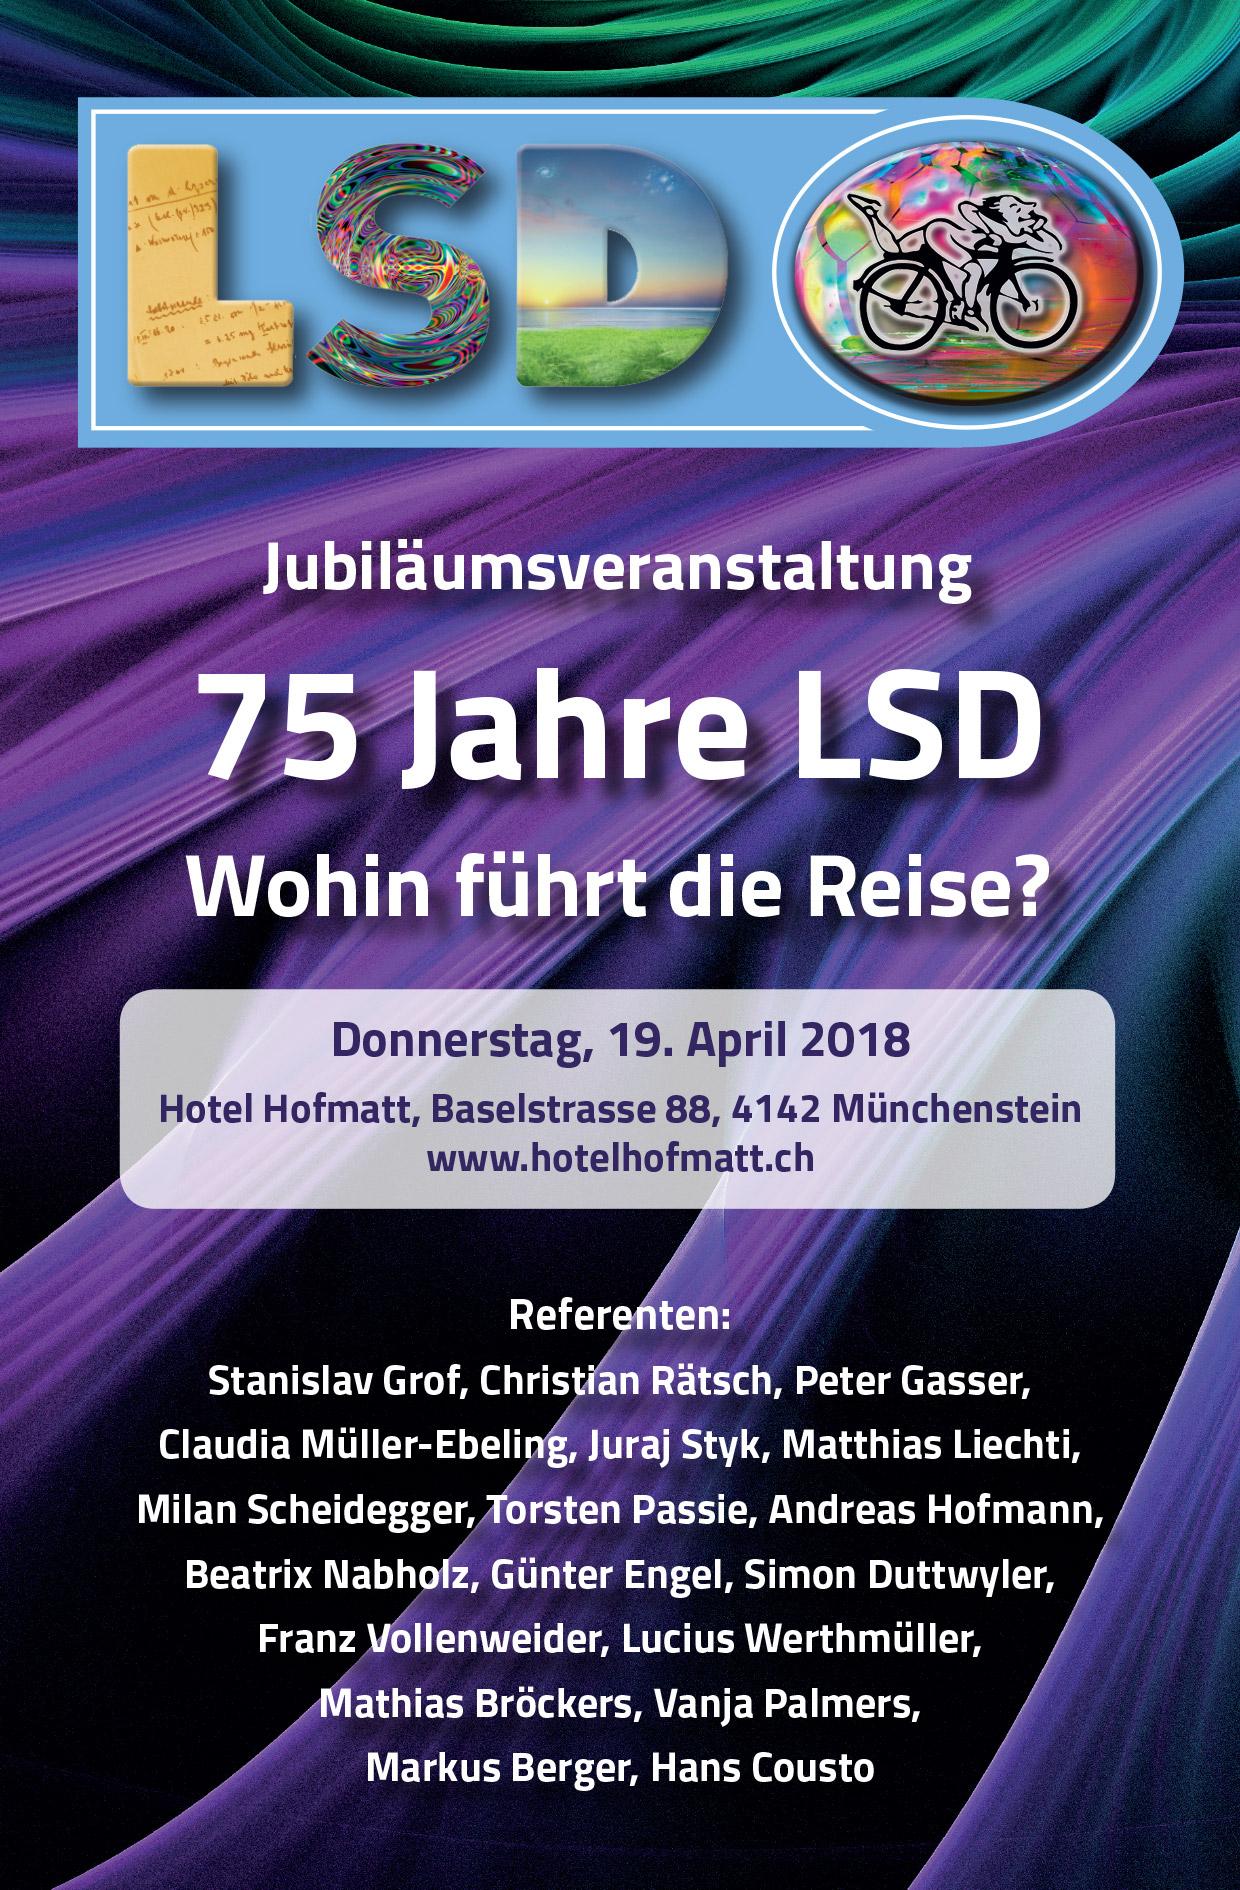 Plakat zur Jubiläumsveranstaltung 75 Jahre LSD-Erwahrung